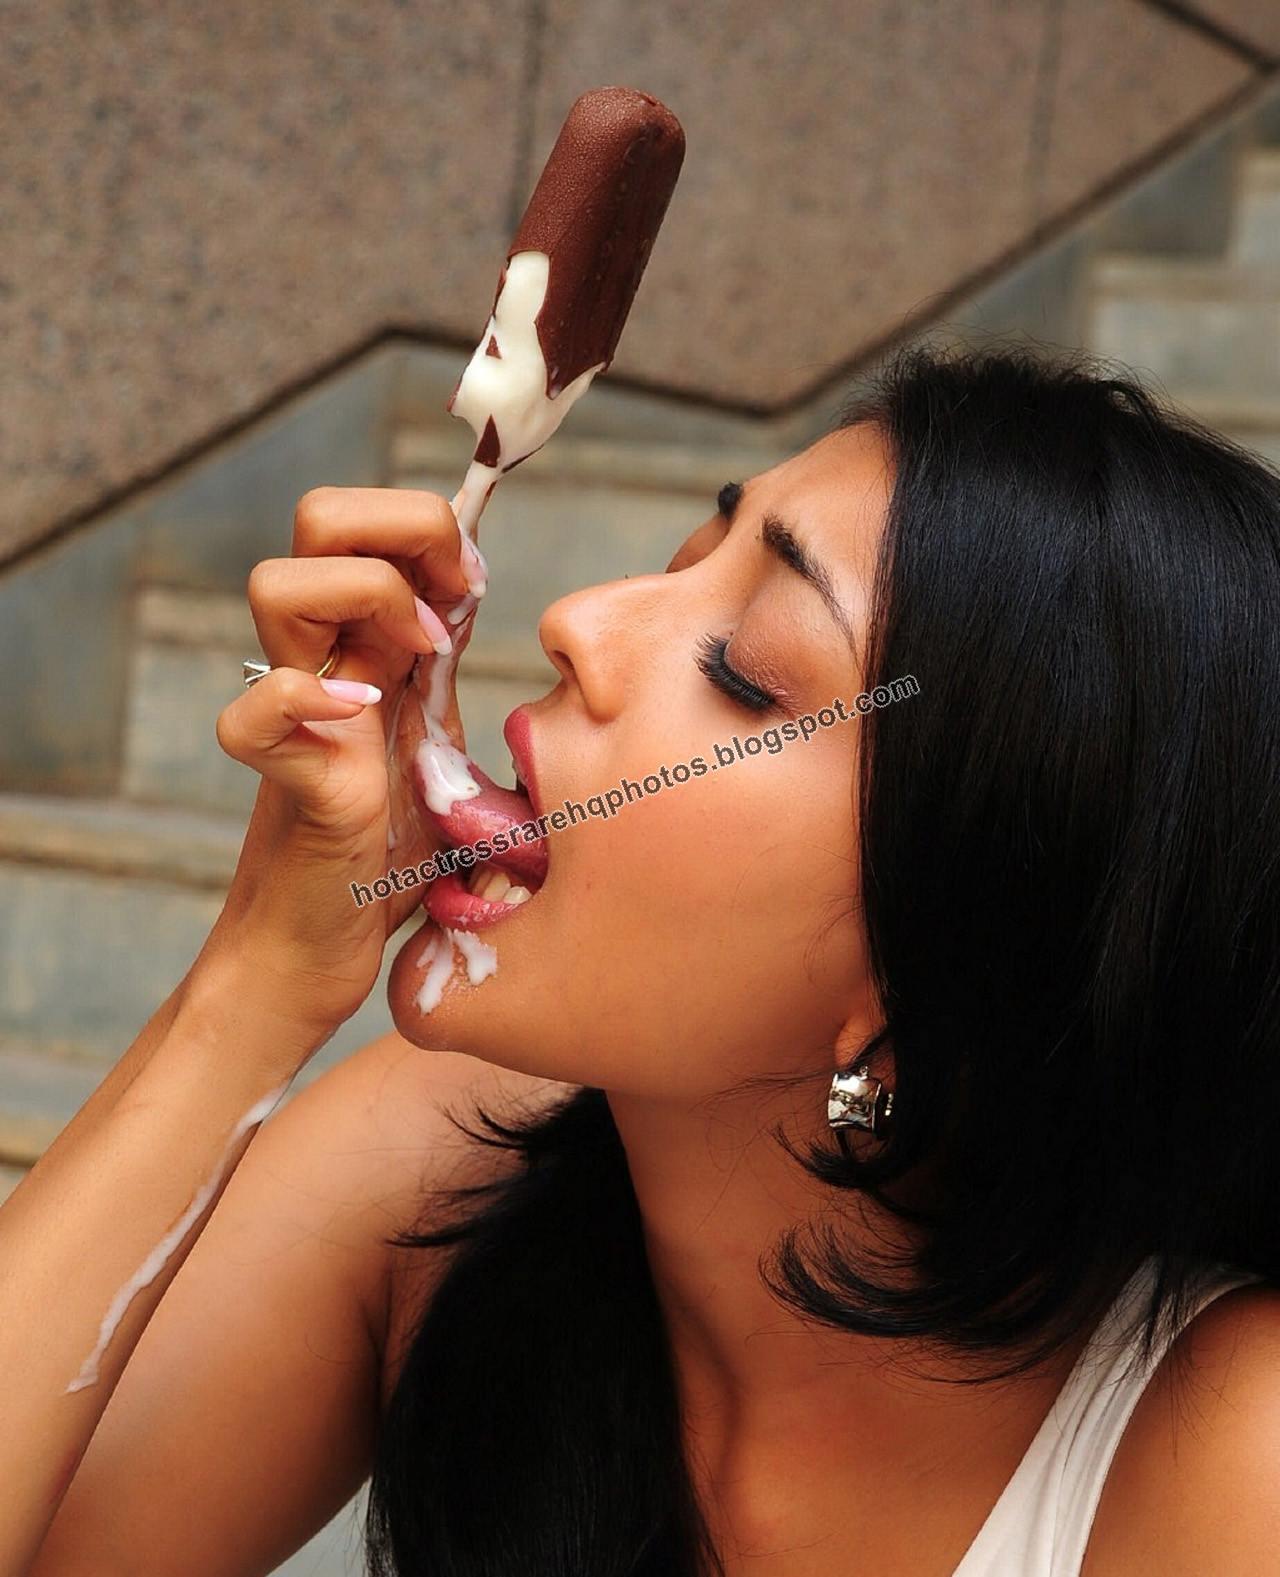 manipur nude girls image